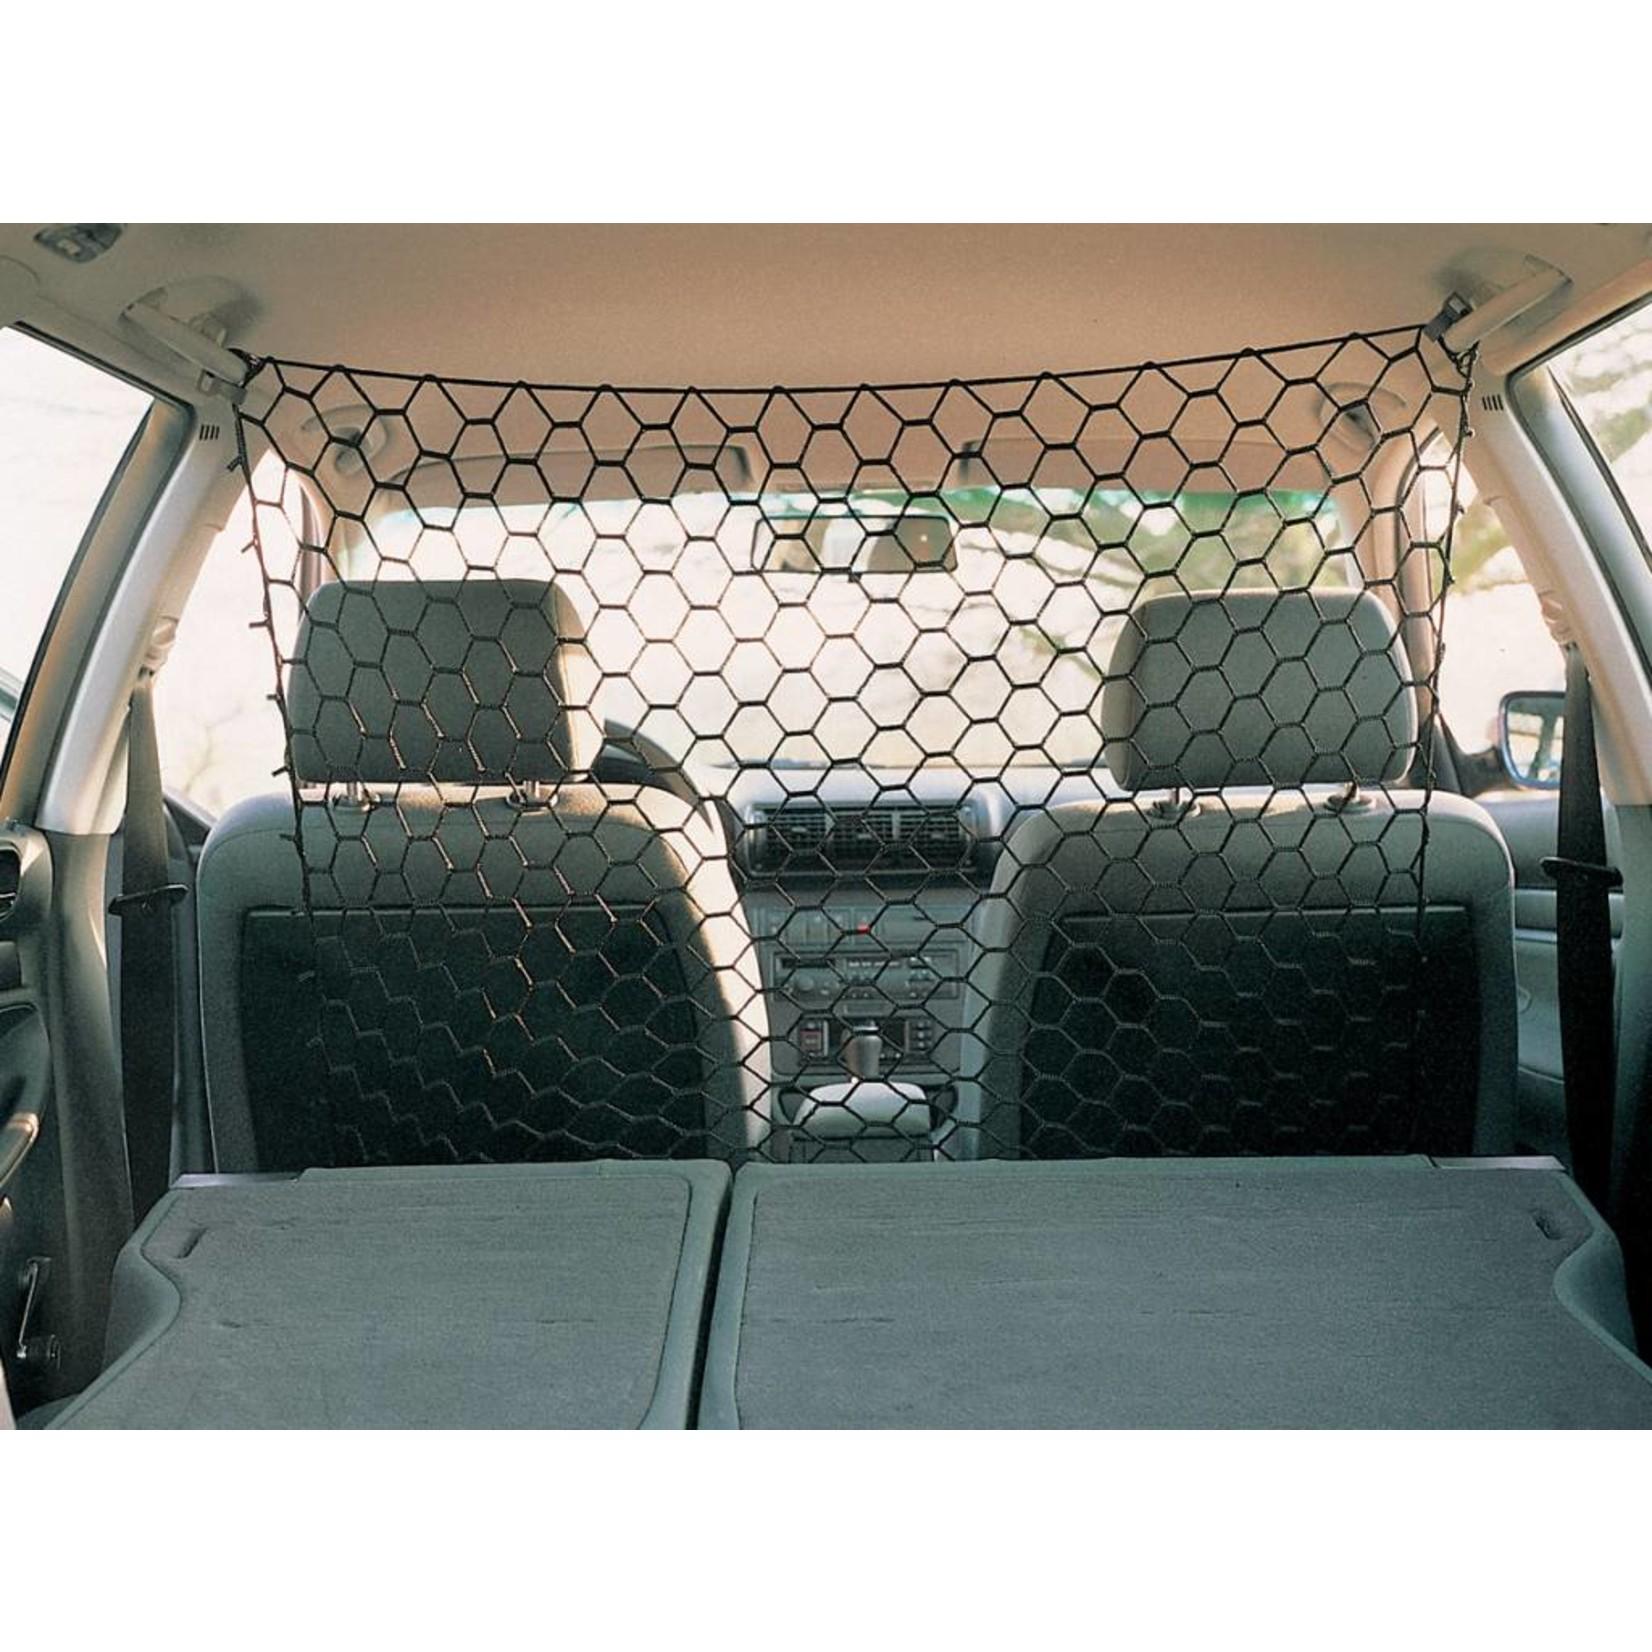 Trixie Car Net, 1 x 1m